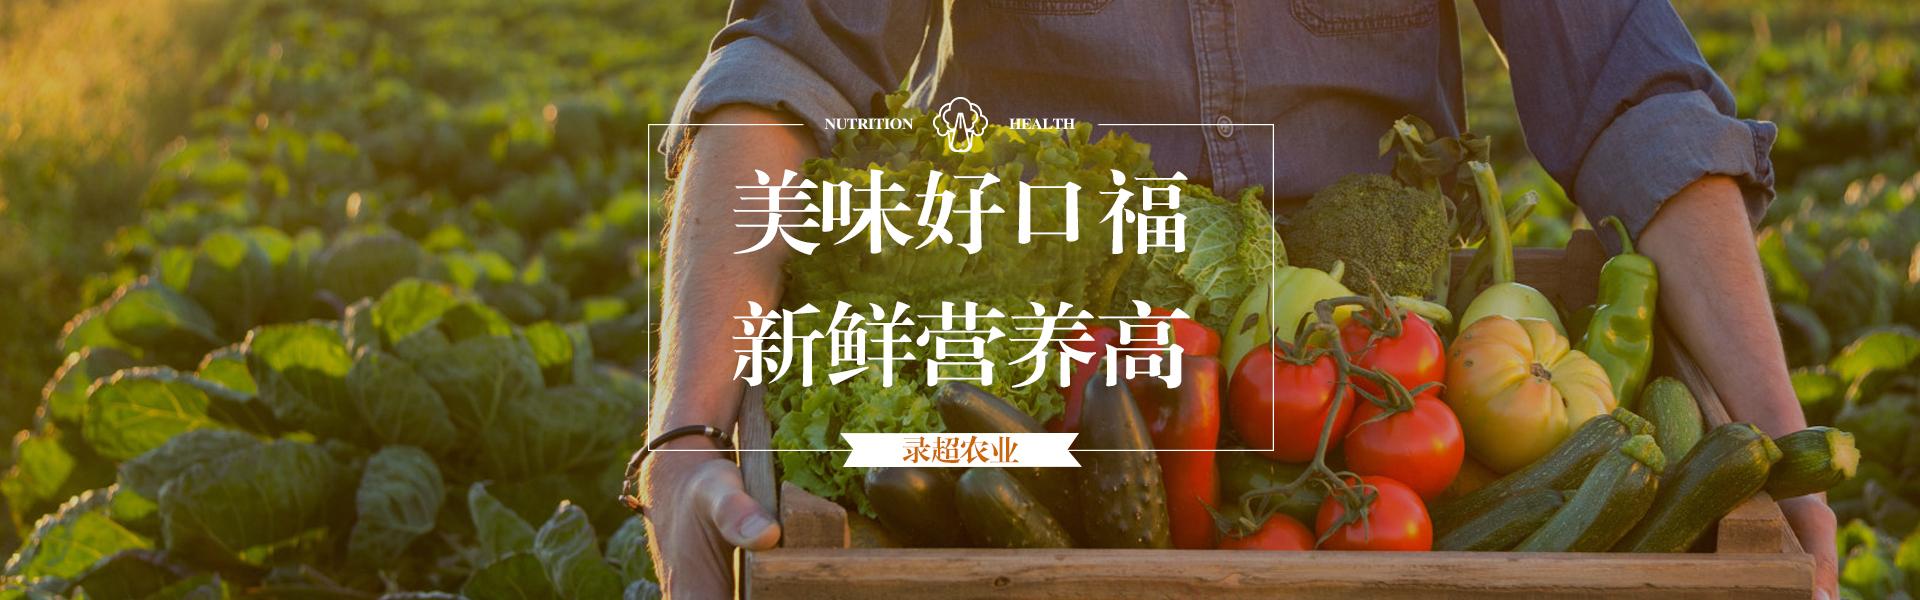 成都新鲜蔬菜销售_蔬菜白萝卜相关-成都市录超农业有限责任公司